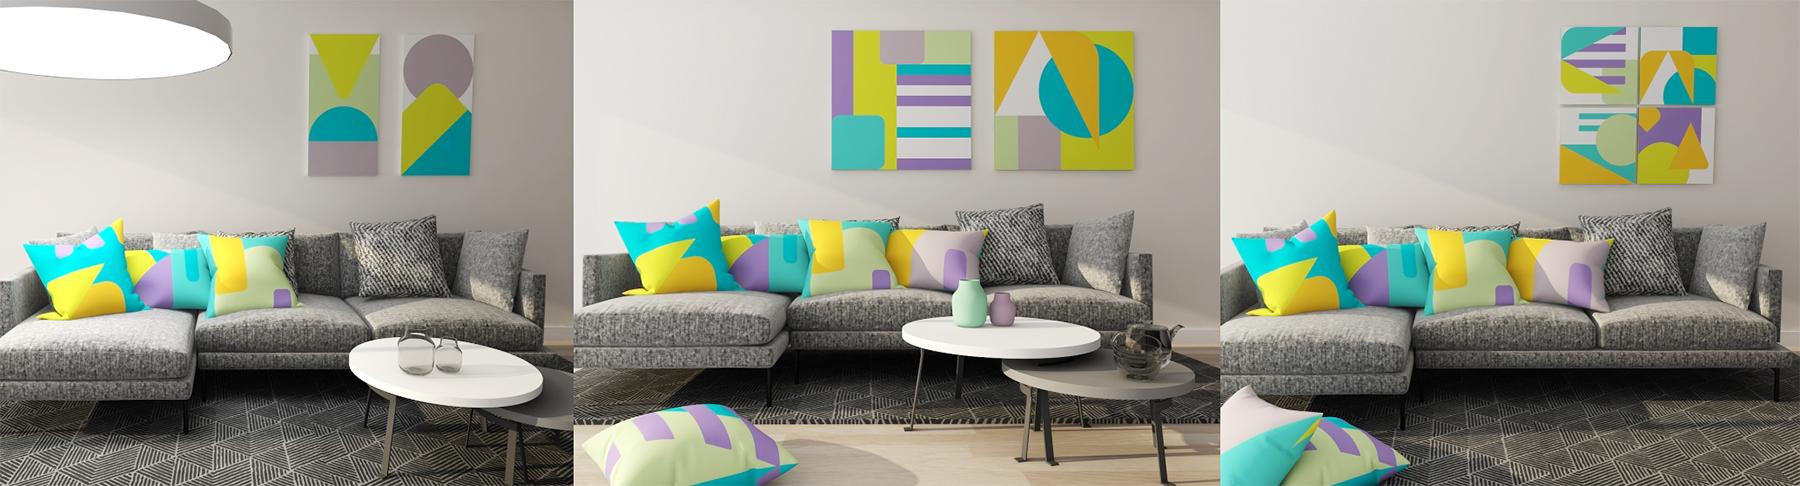 tablou canvas interior.jpg